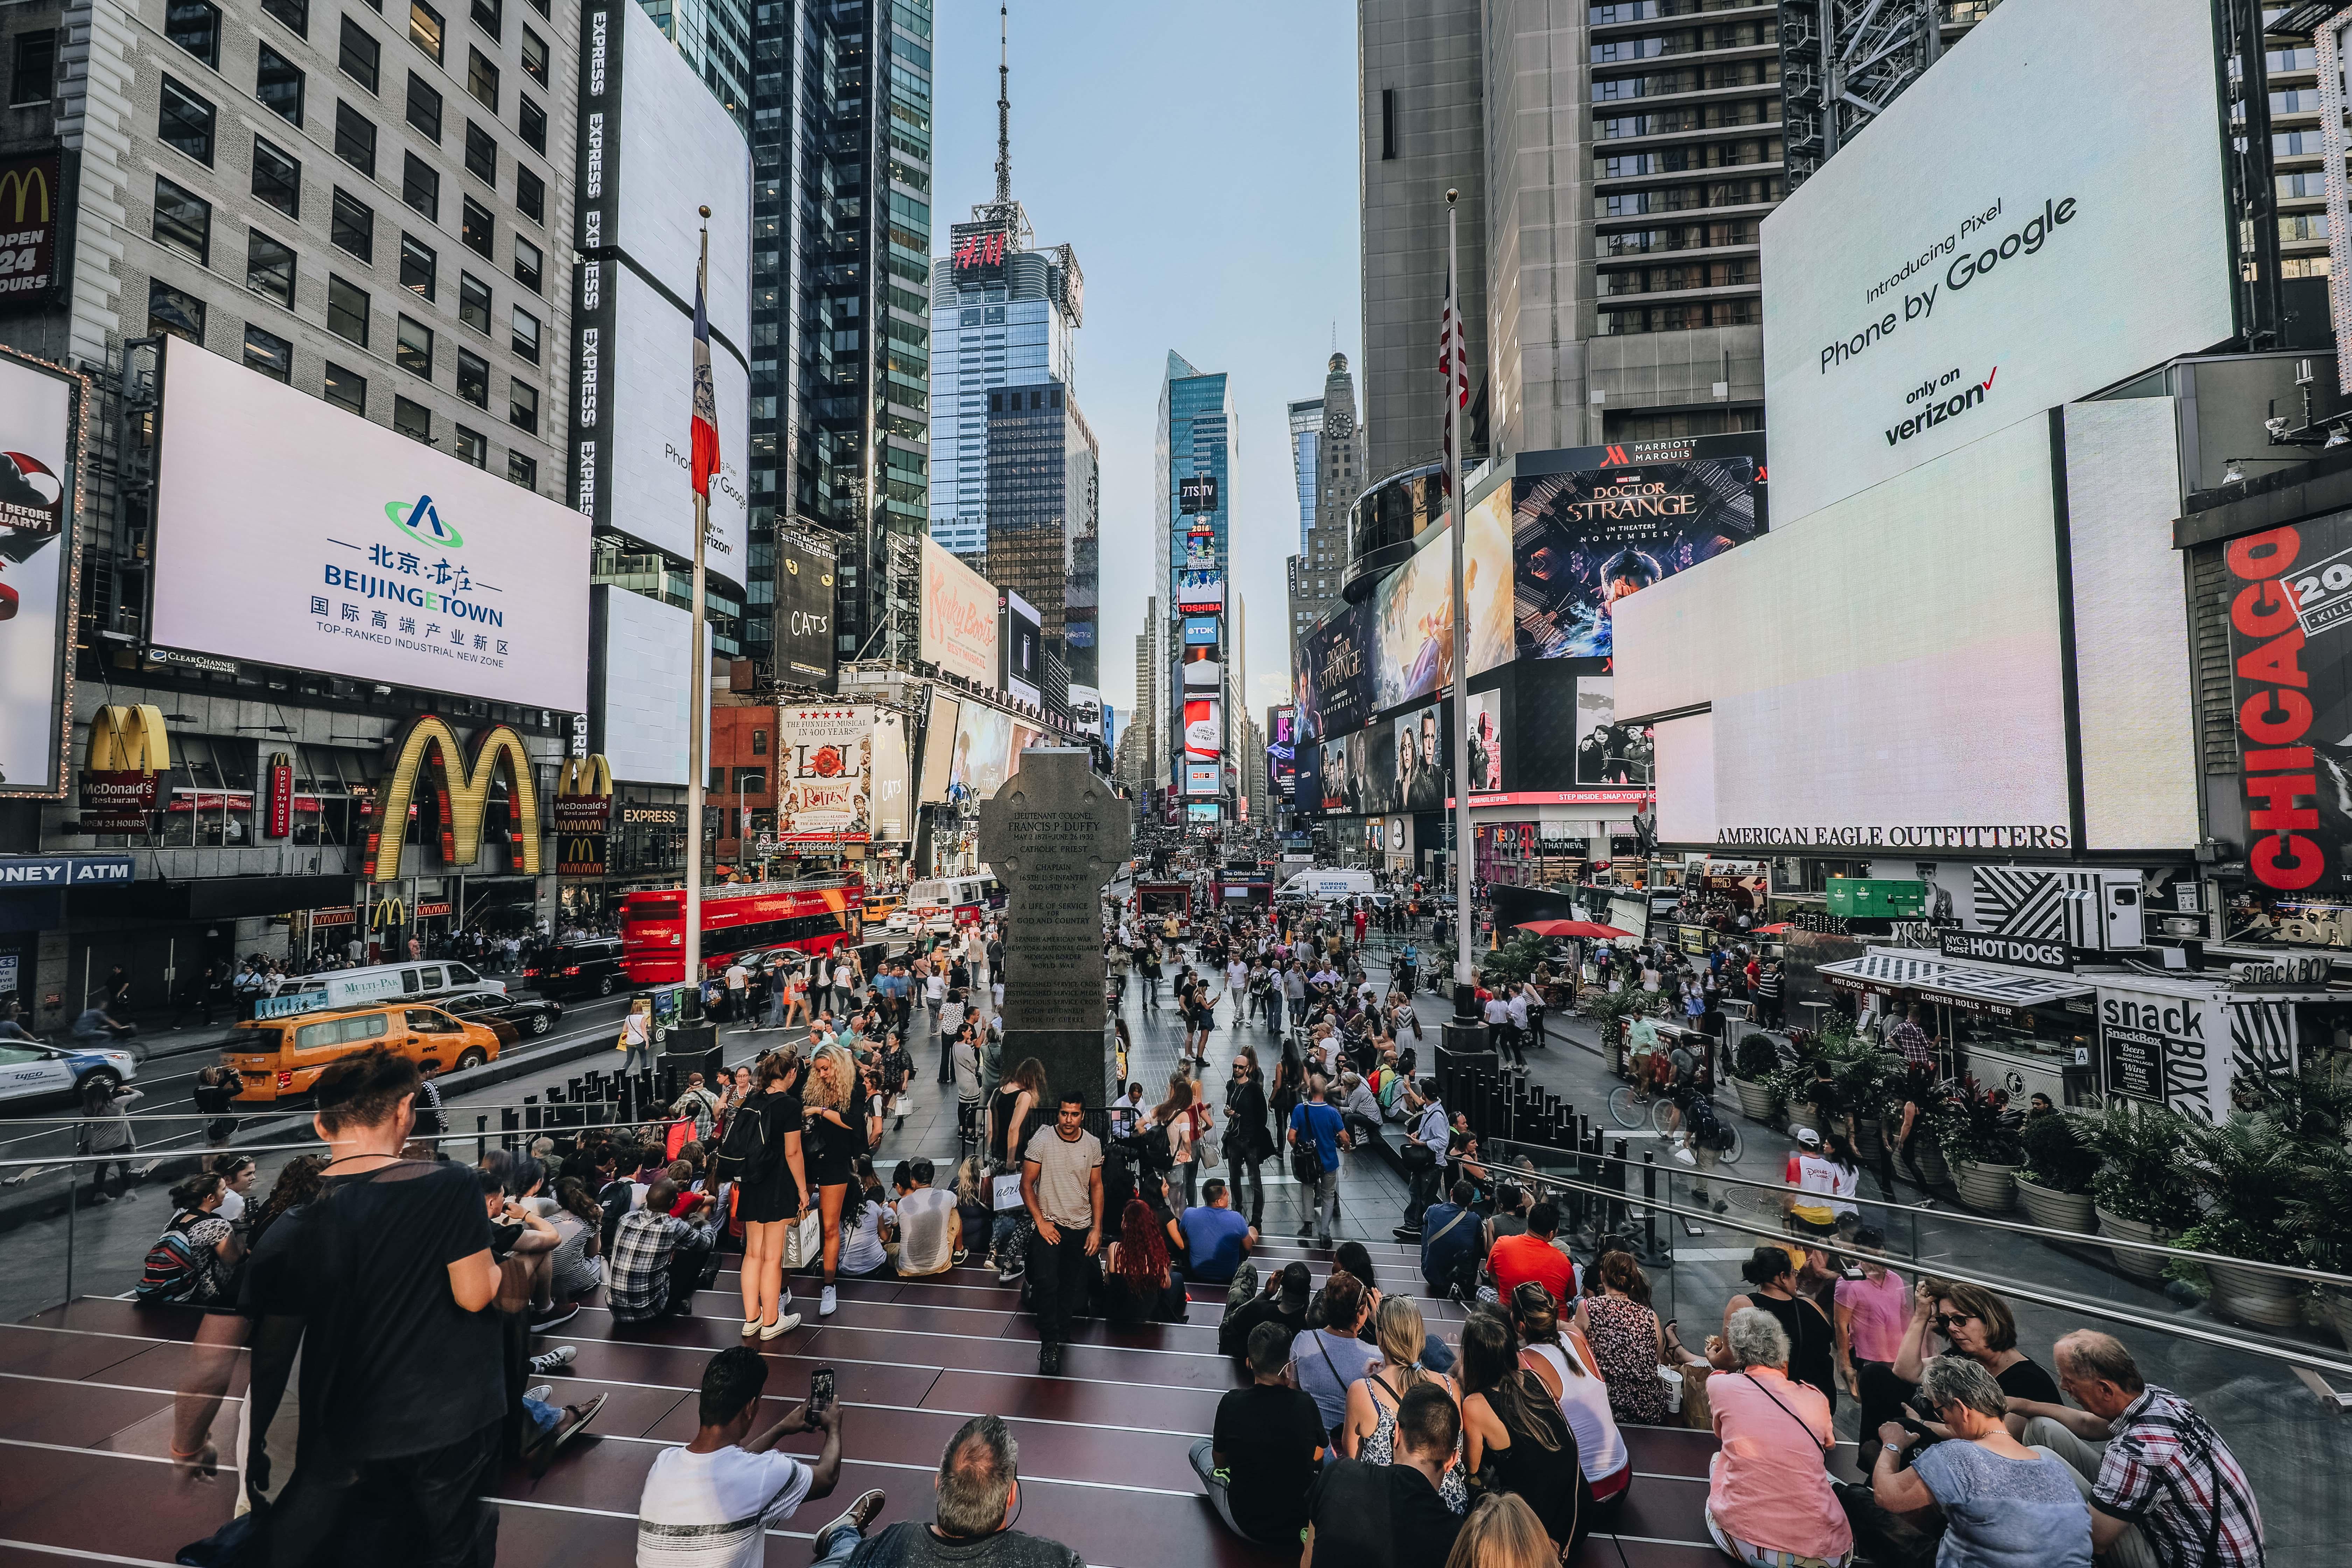 Time Square - nagyon fotógén, élőben jóval kisebbnek tűnik